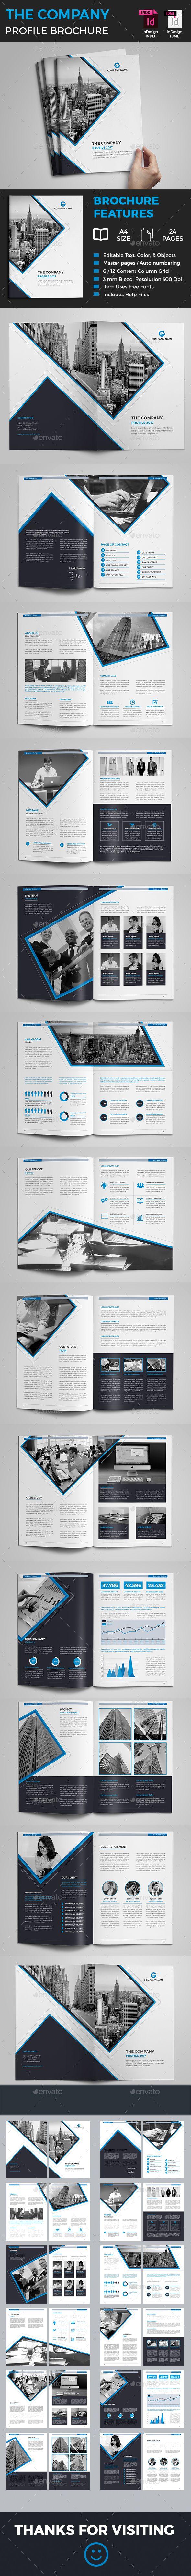 Company Profile | Diseño editorial, Editorial y Folders creativos